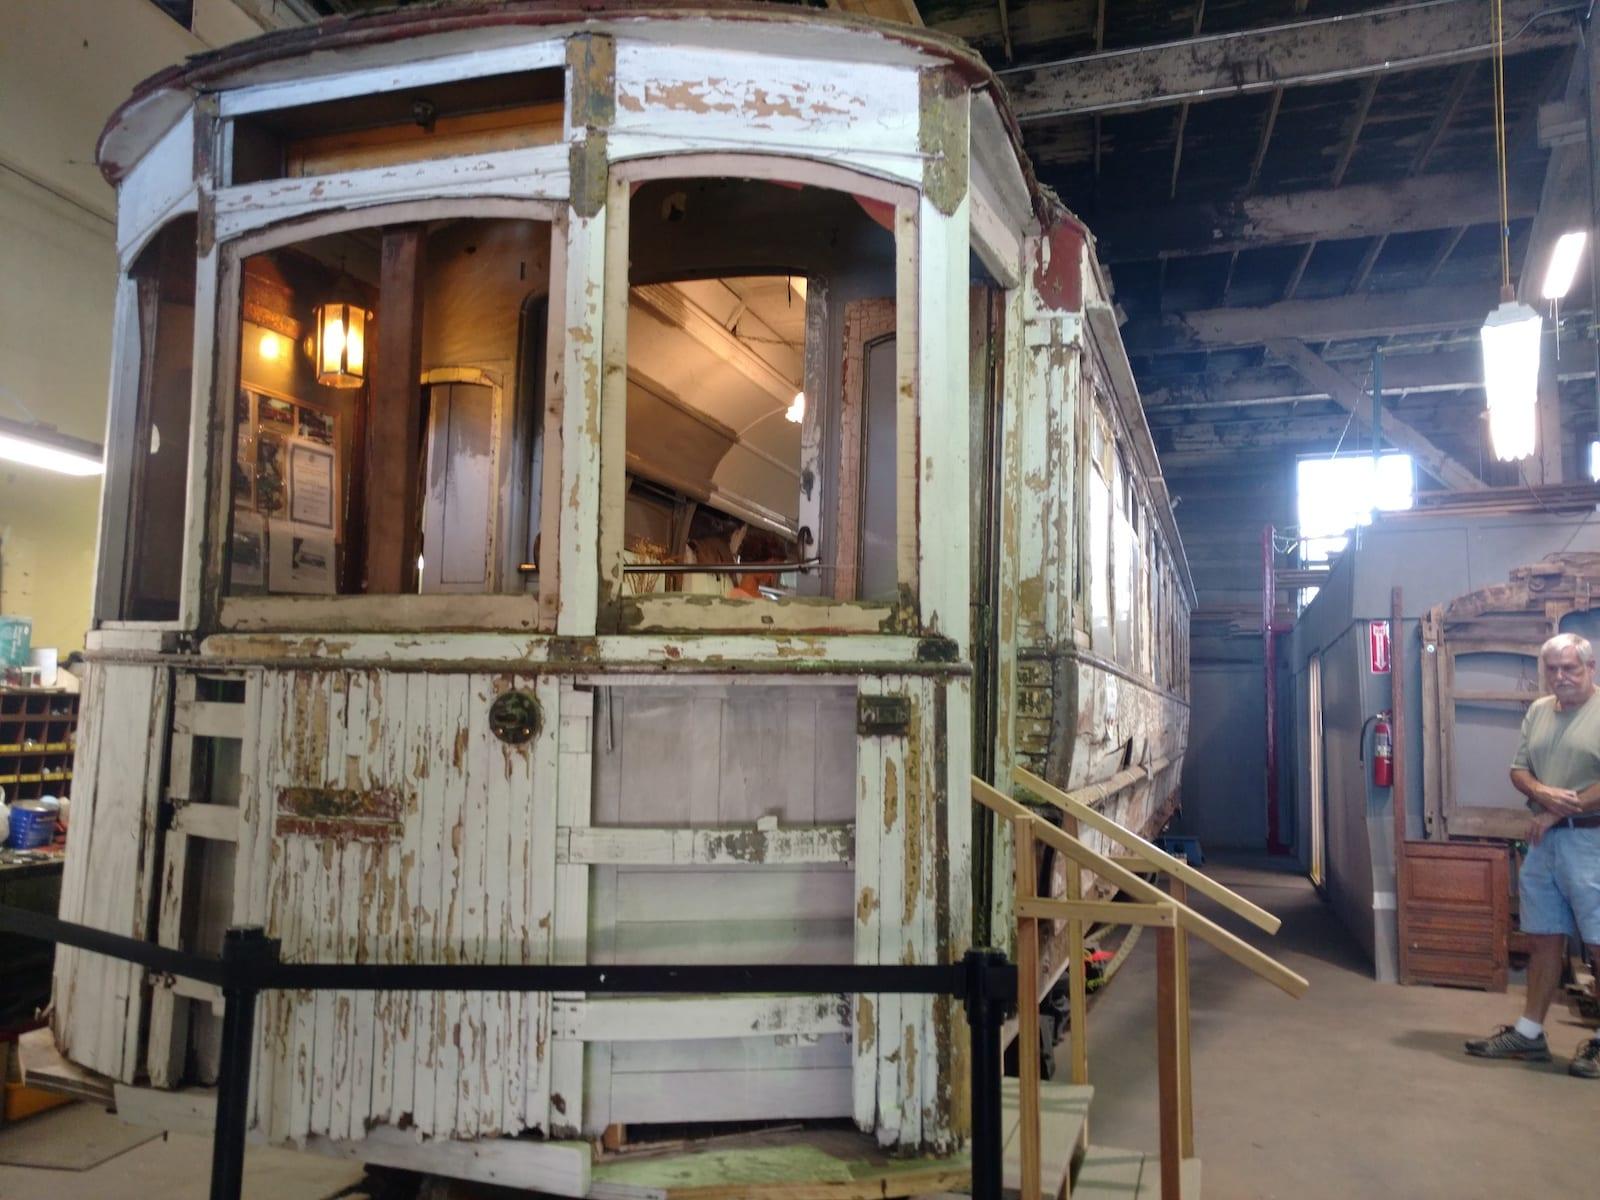 Pikes Peak Trolley Museum Vintage Train